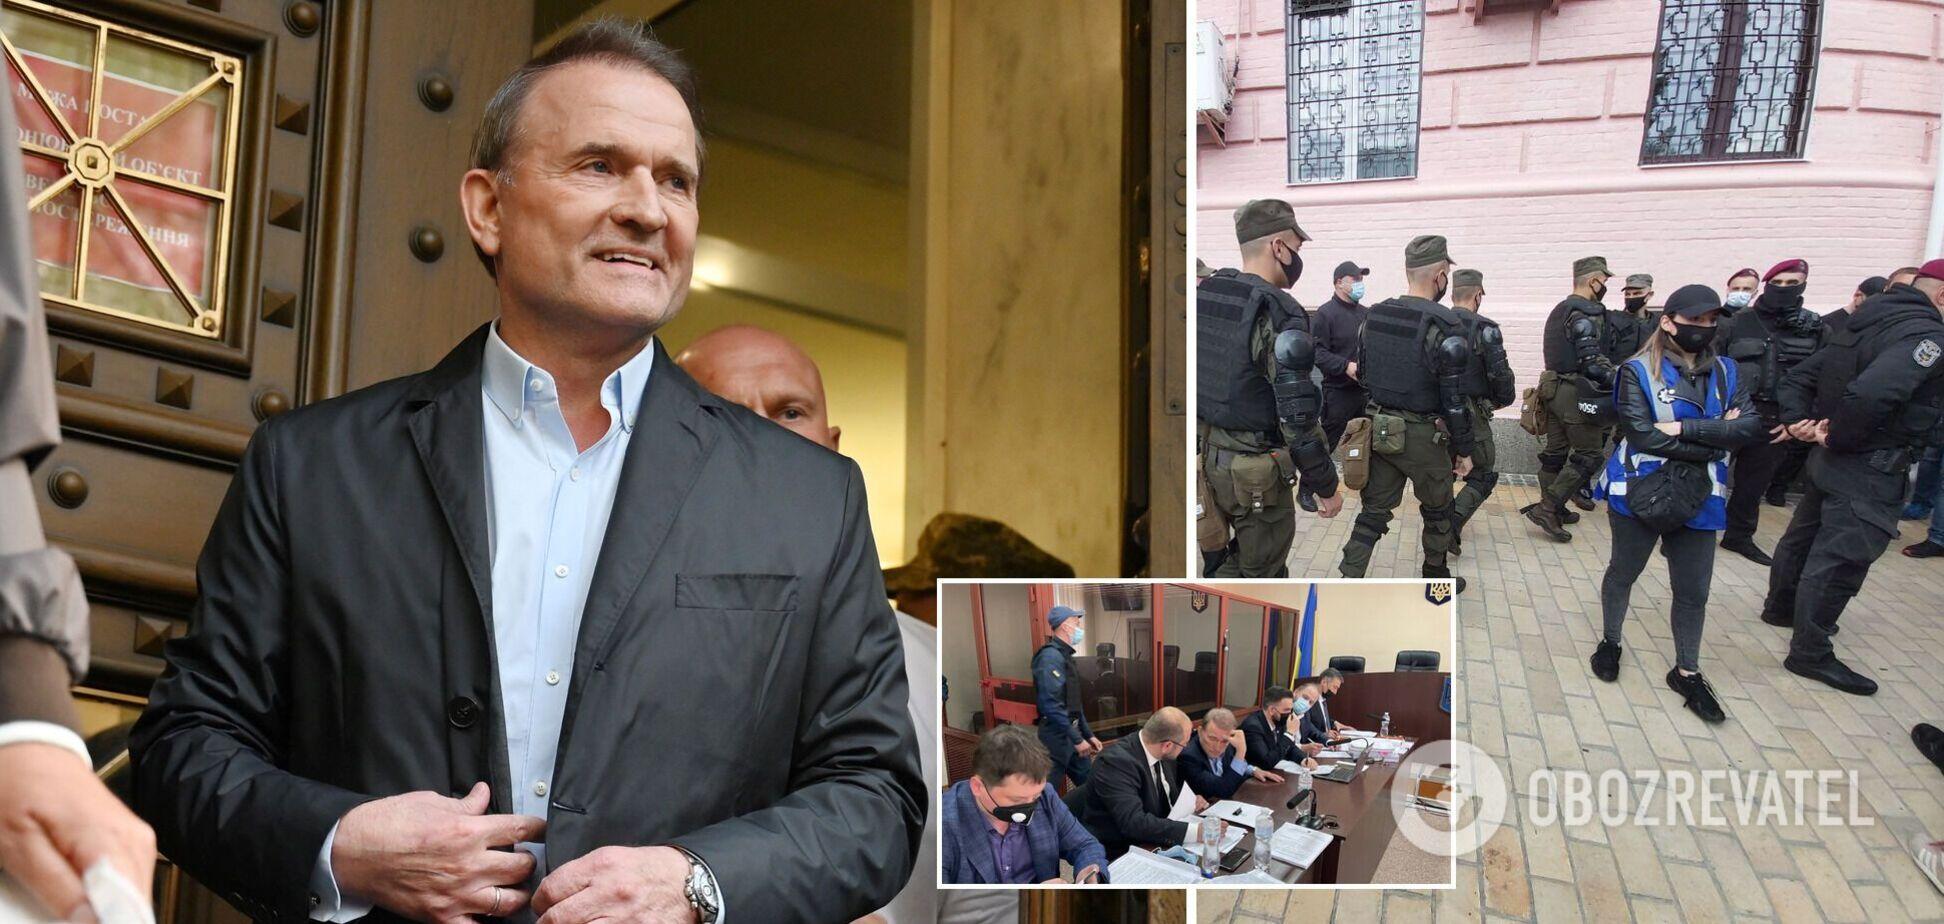 Суд избирает меру пресечения Медведчуку: что происходит под стенами. Все детали, фото и видео